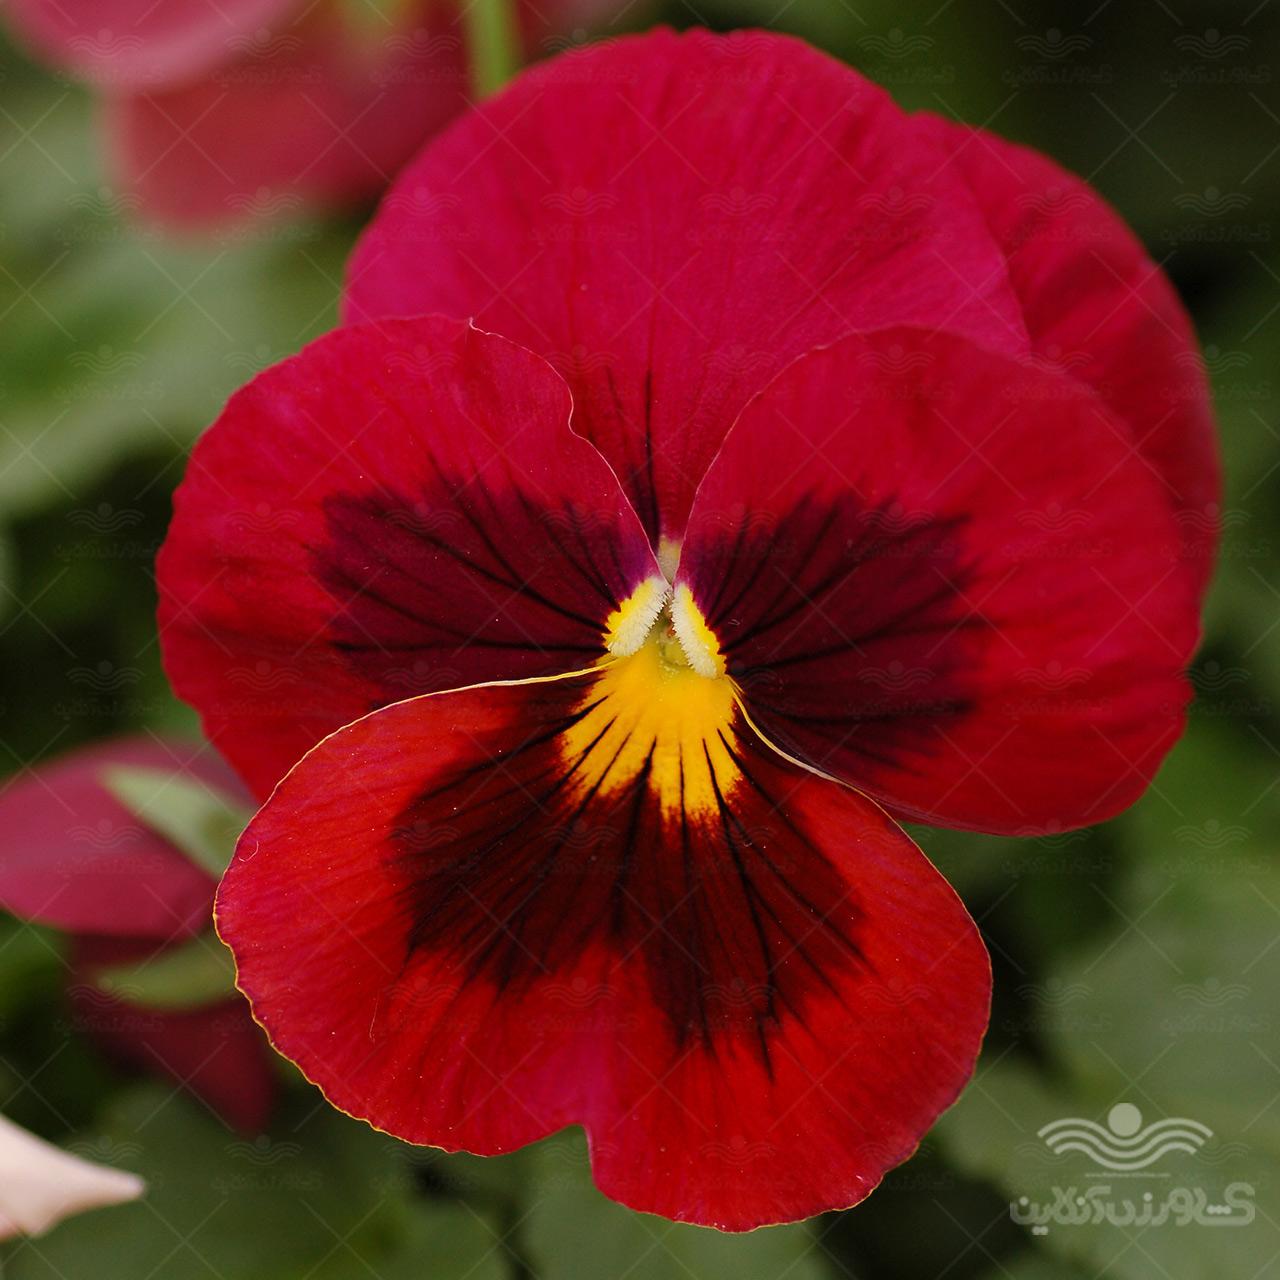 بذر گل بنفشه قرمز خالدار